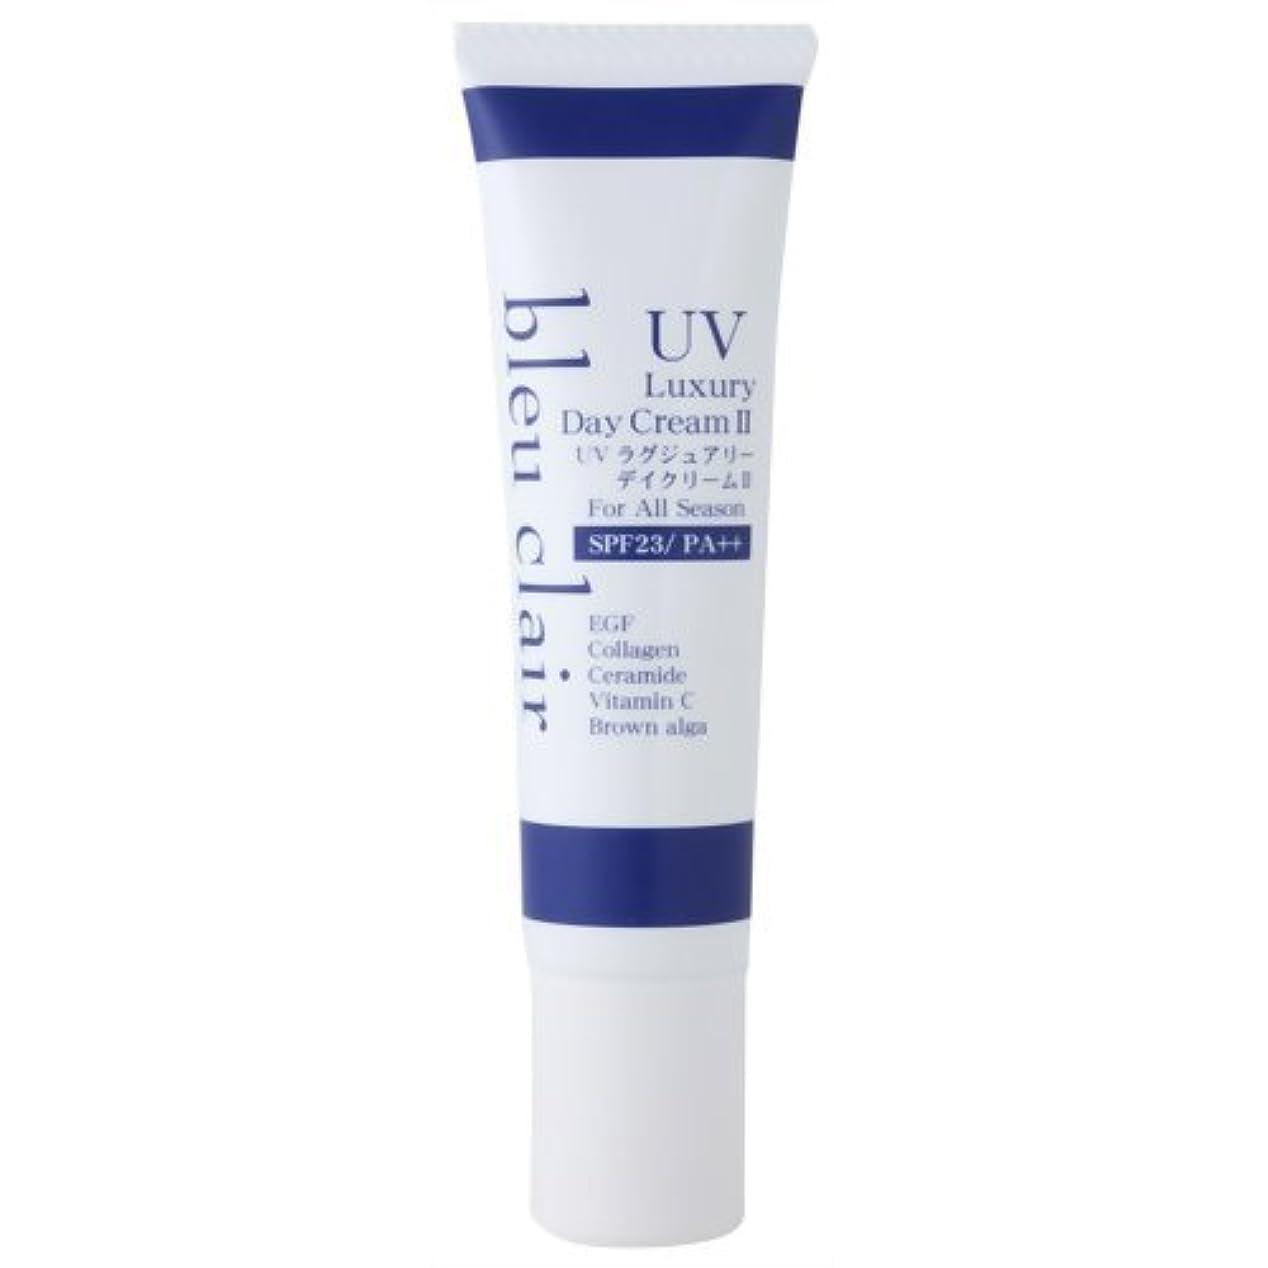 保護する果てしない不健全ブルークレール UVラグジュアリーデイクリームII SPF23/PA++ 35g